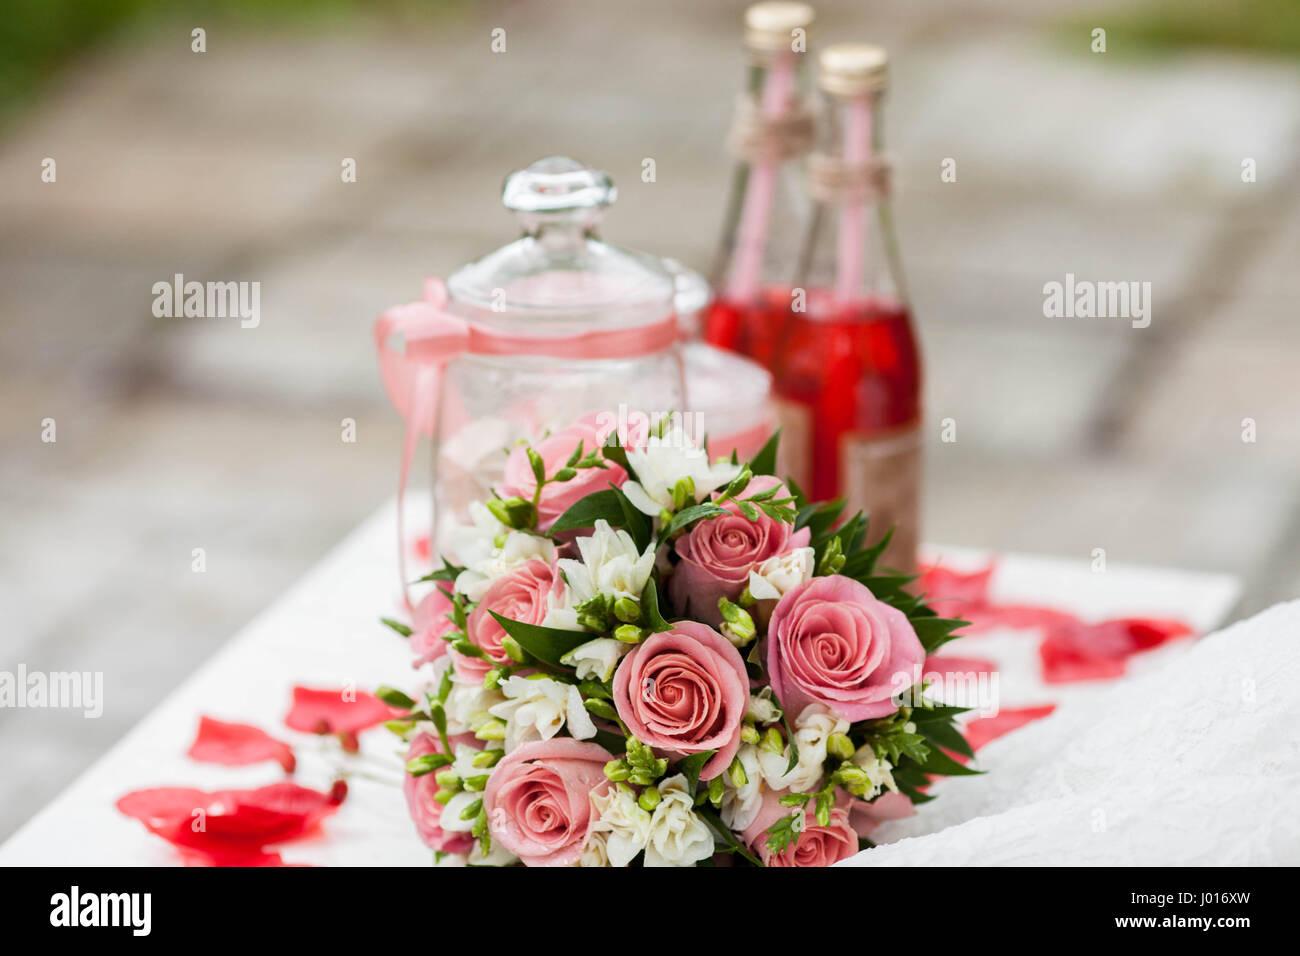 Zarte Braut Blumenstrauss Auf Dem Tisch Neben Rote Limonade